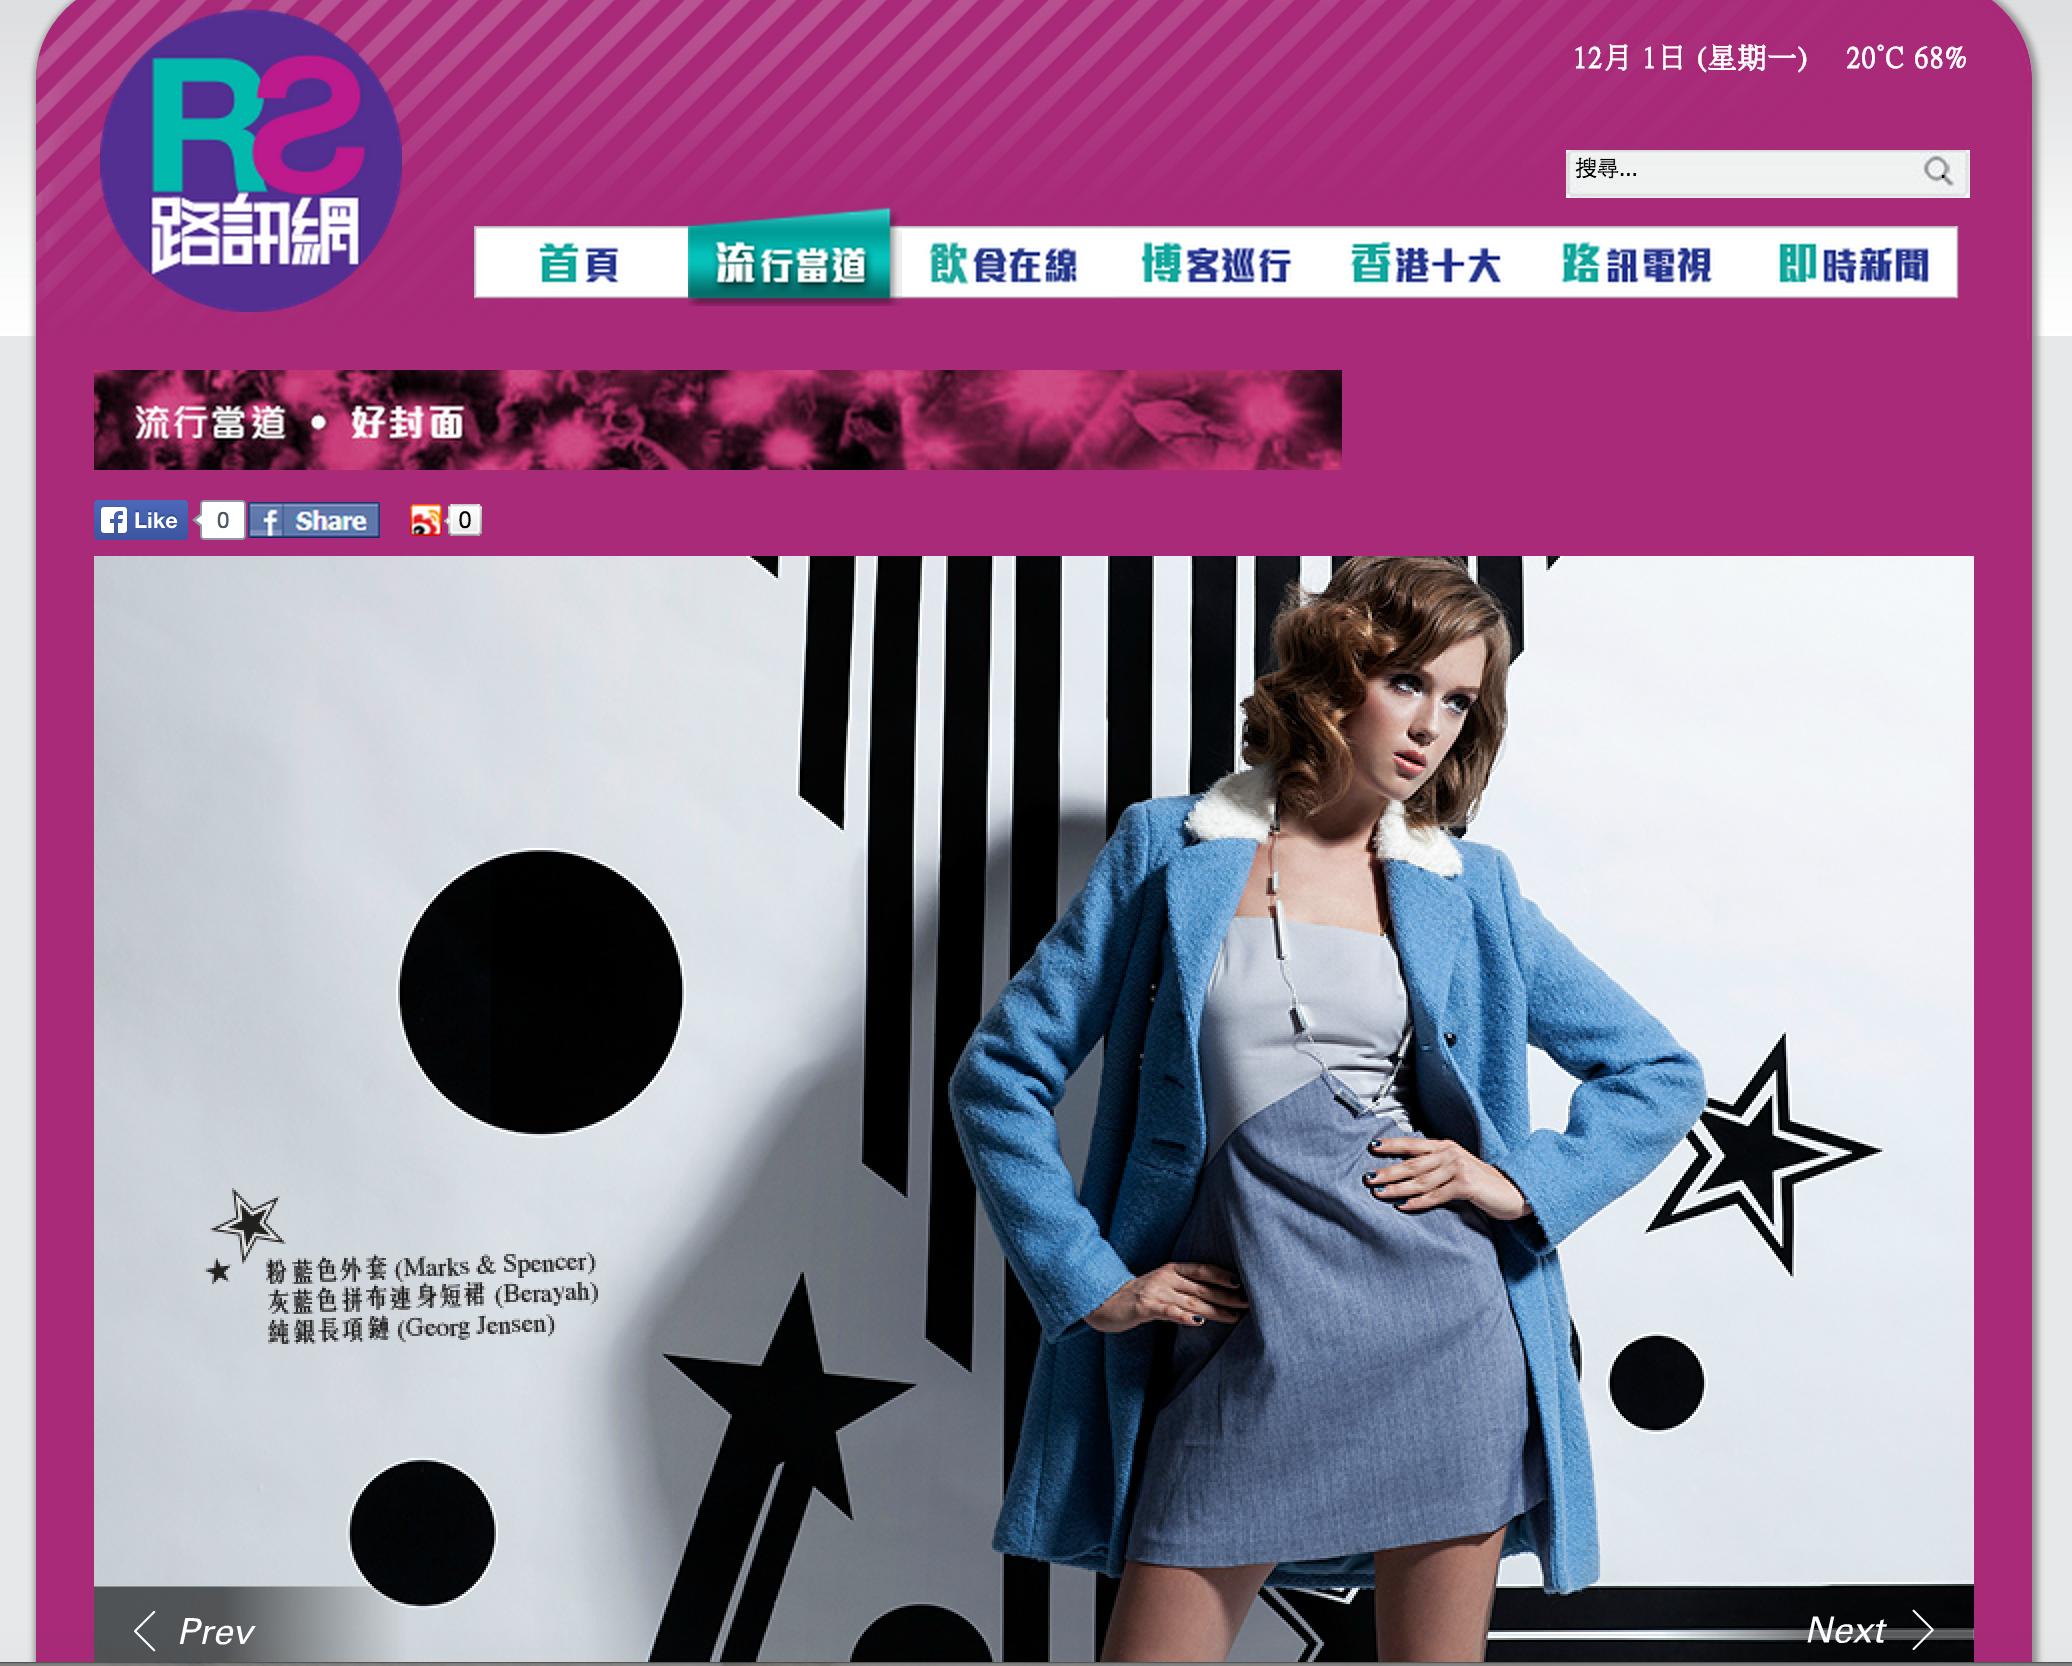 http://www.roadshow.hk/talking-point/coverstory.html?f=20291